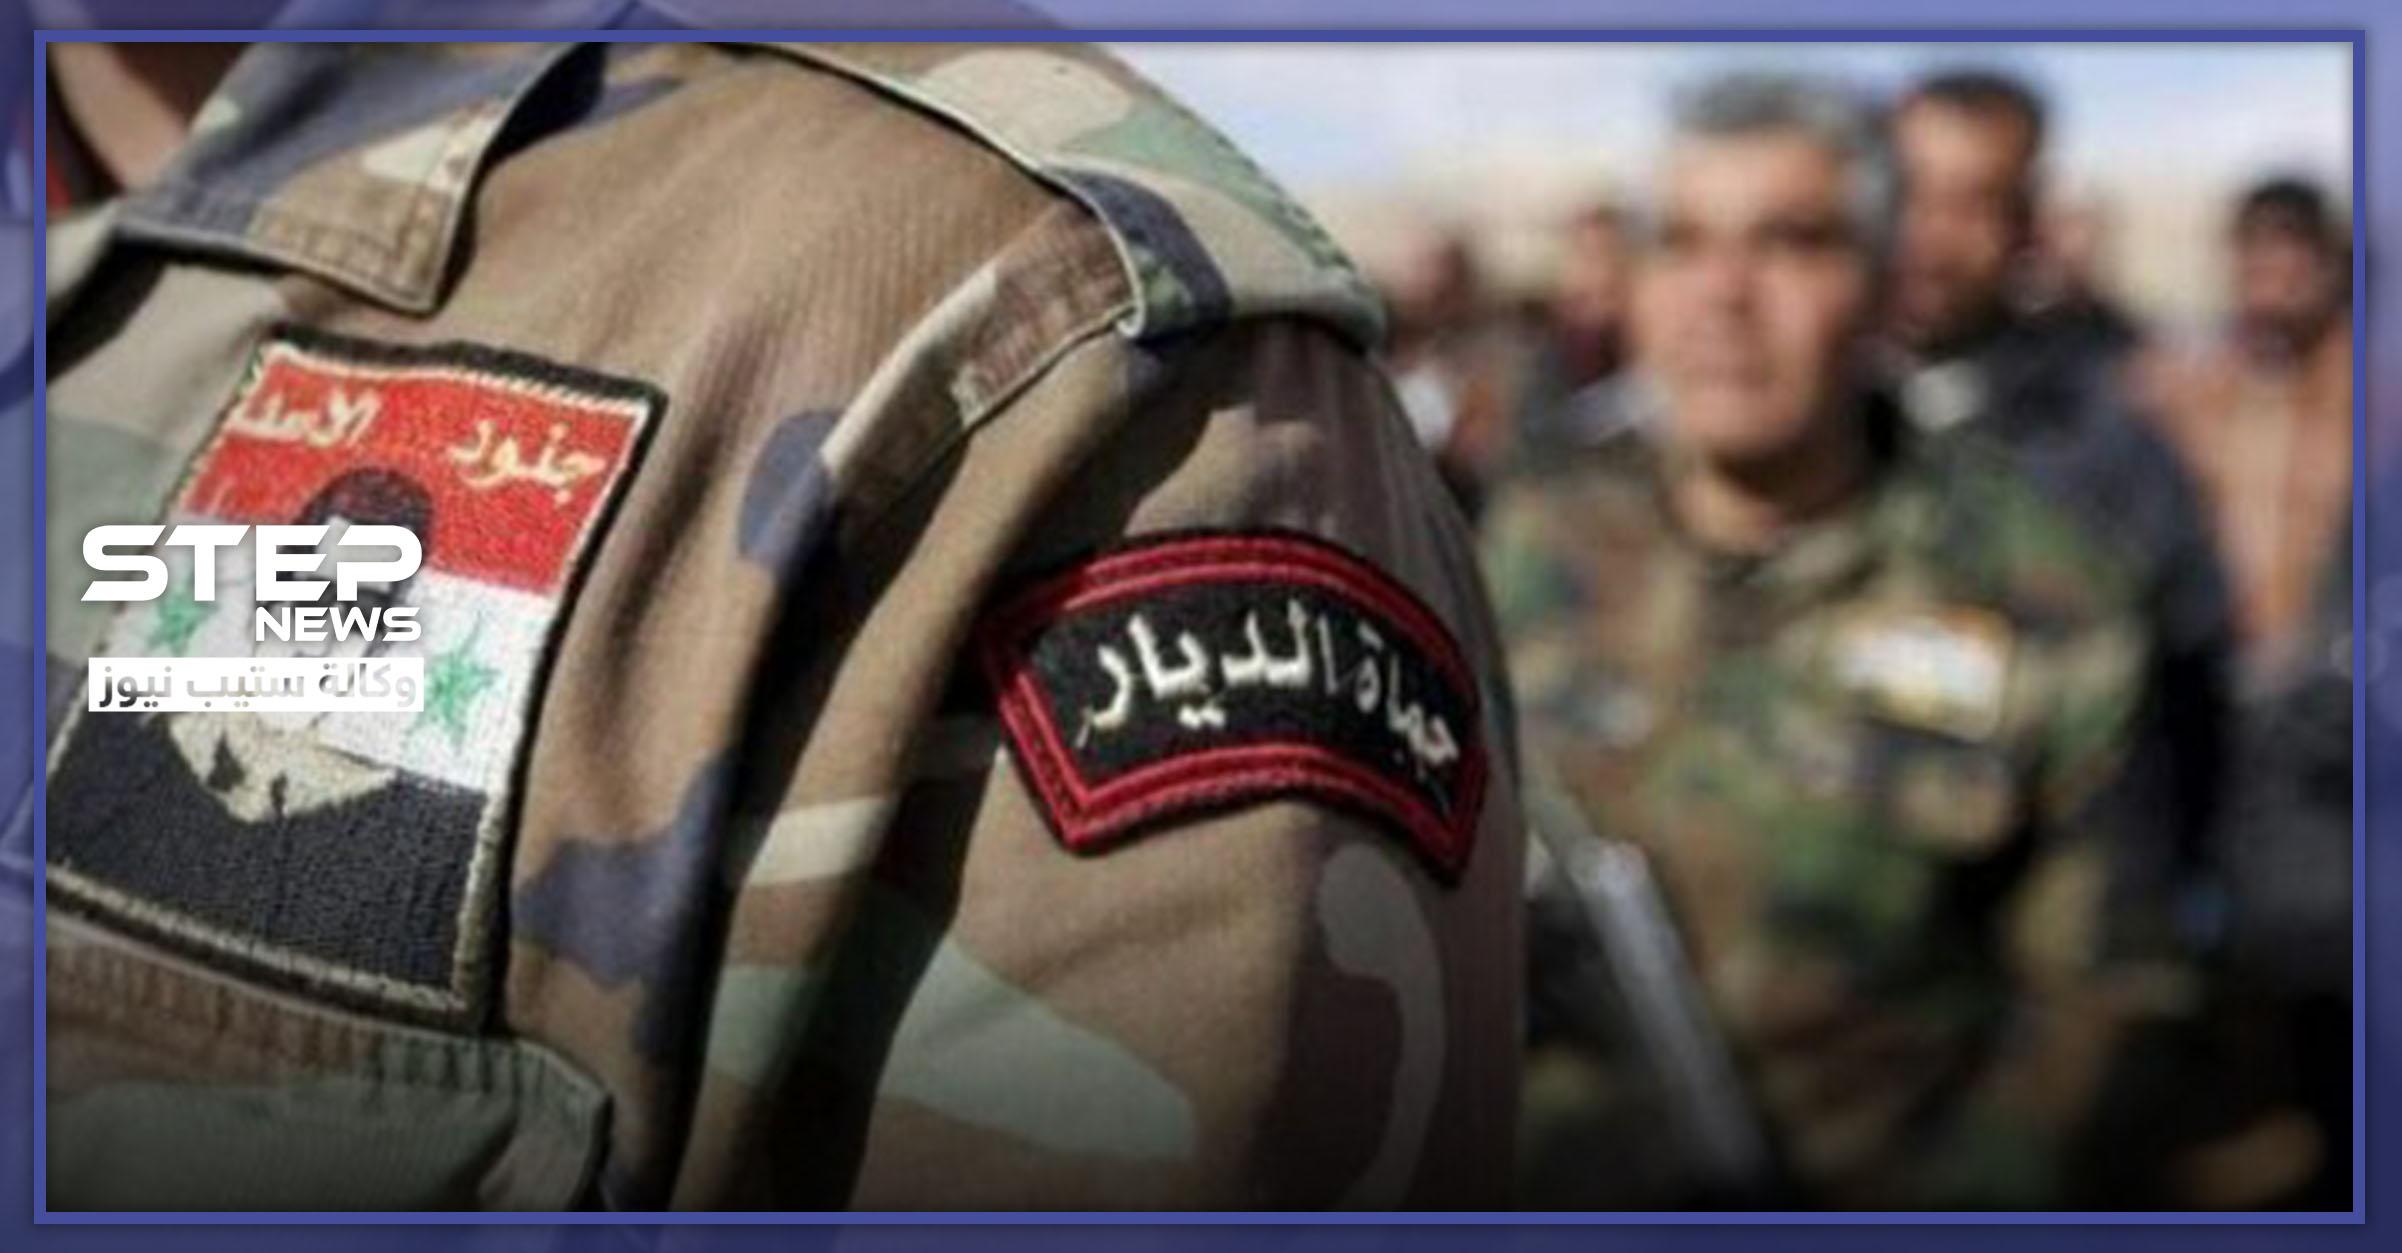 الدفاع الوطني في حلب يزج بتعزيزات عسكرية نحو ريف إدلب الجنوبي